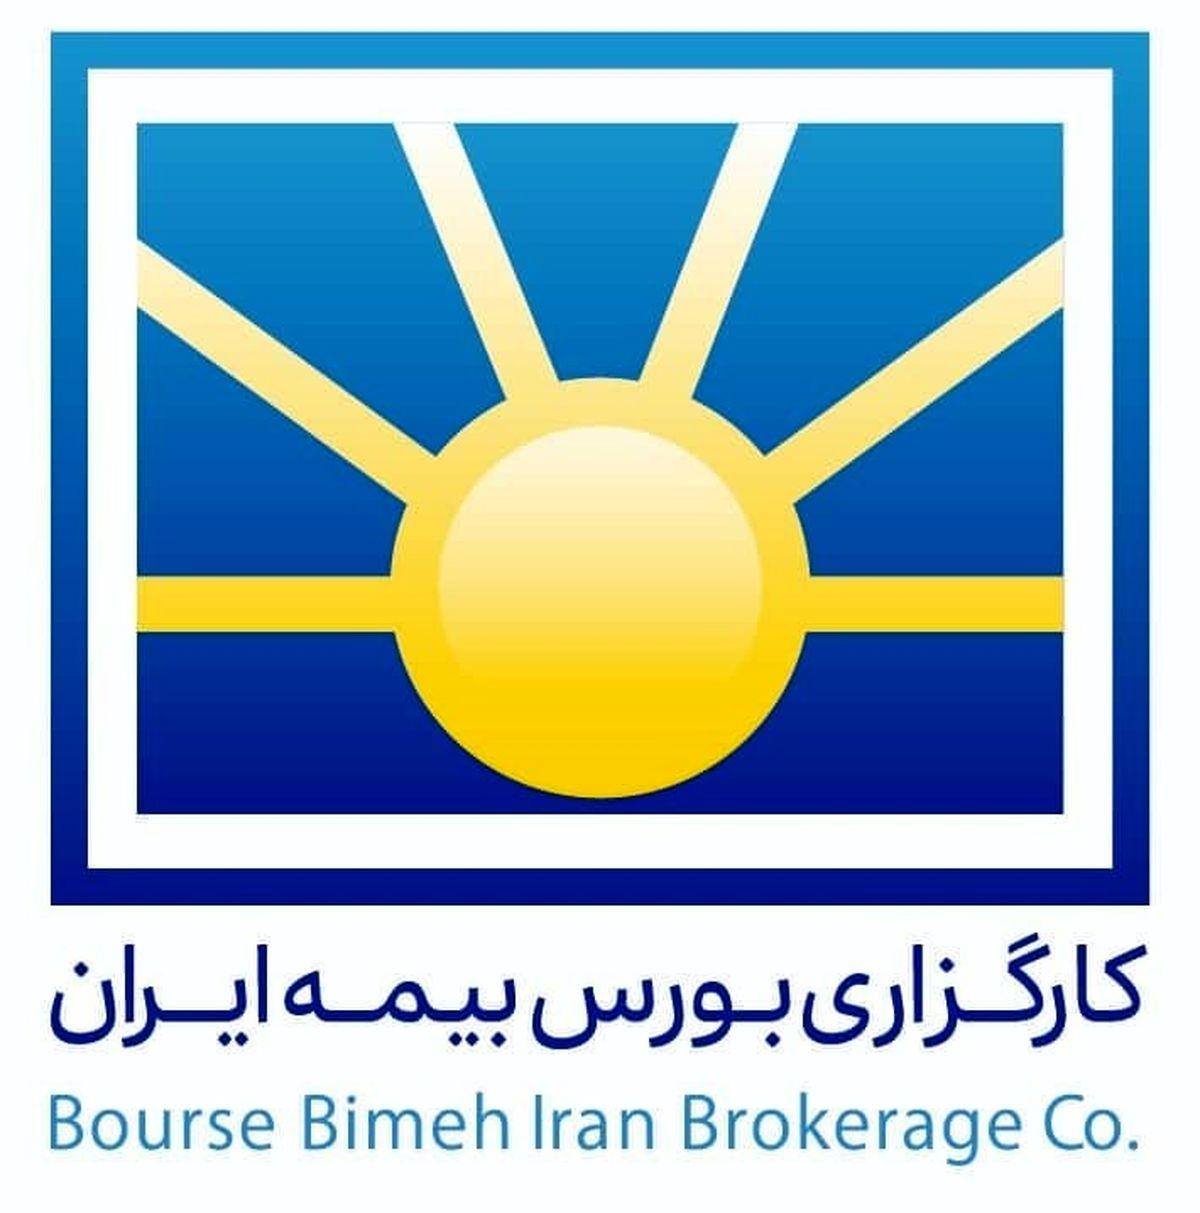 رکوردشکنیهای متوالی کارگزاری بورس بیمه ایران در بستر شفافیت مالی